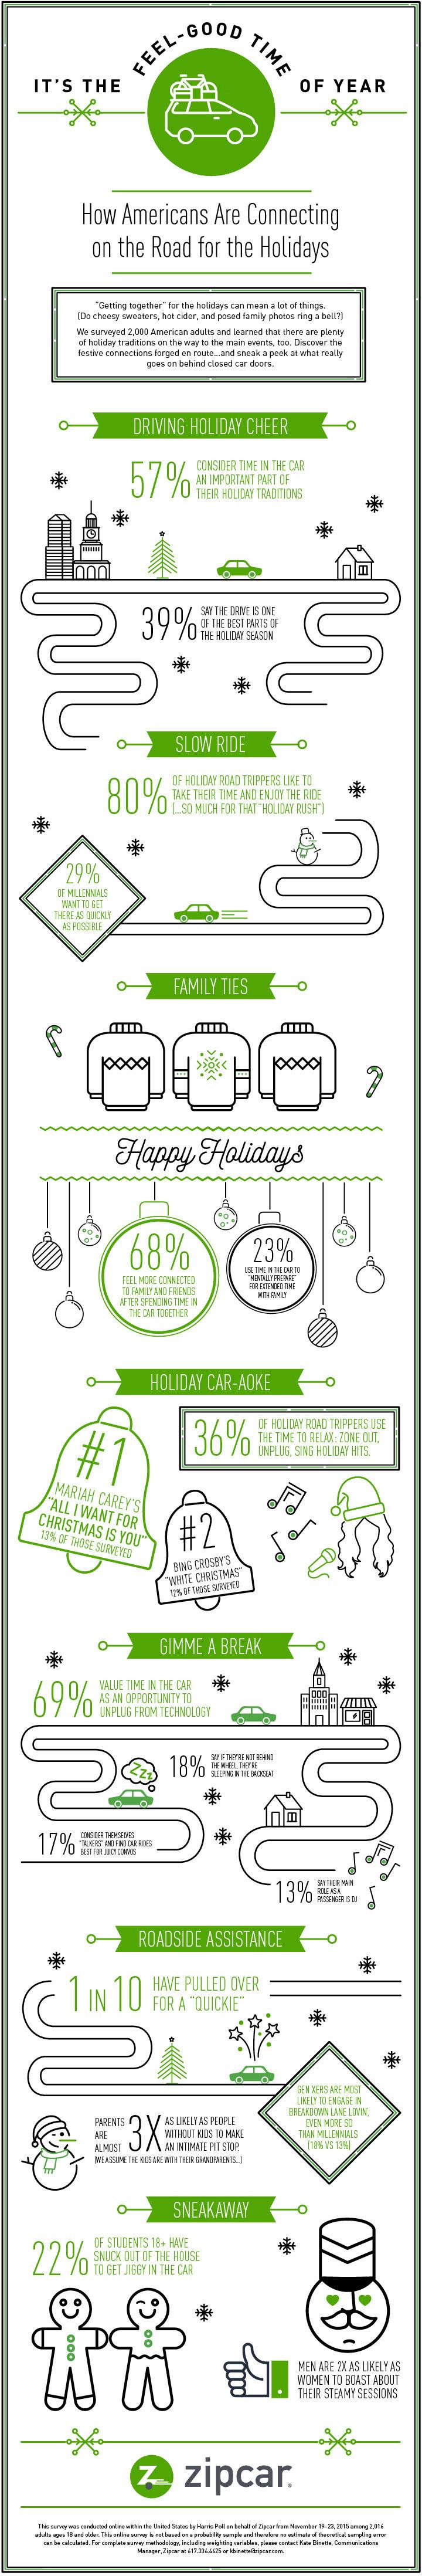 holiday-travel-infographic-final_2_millennials fix.jpg